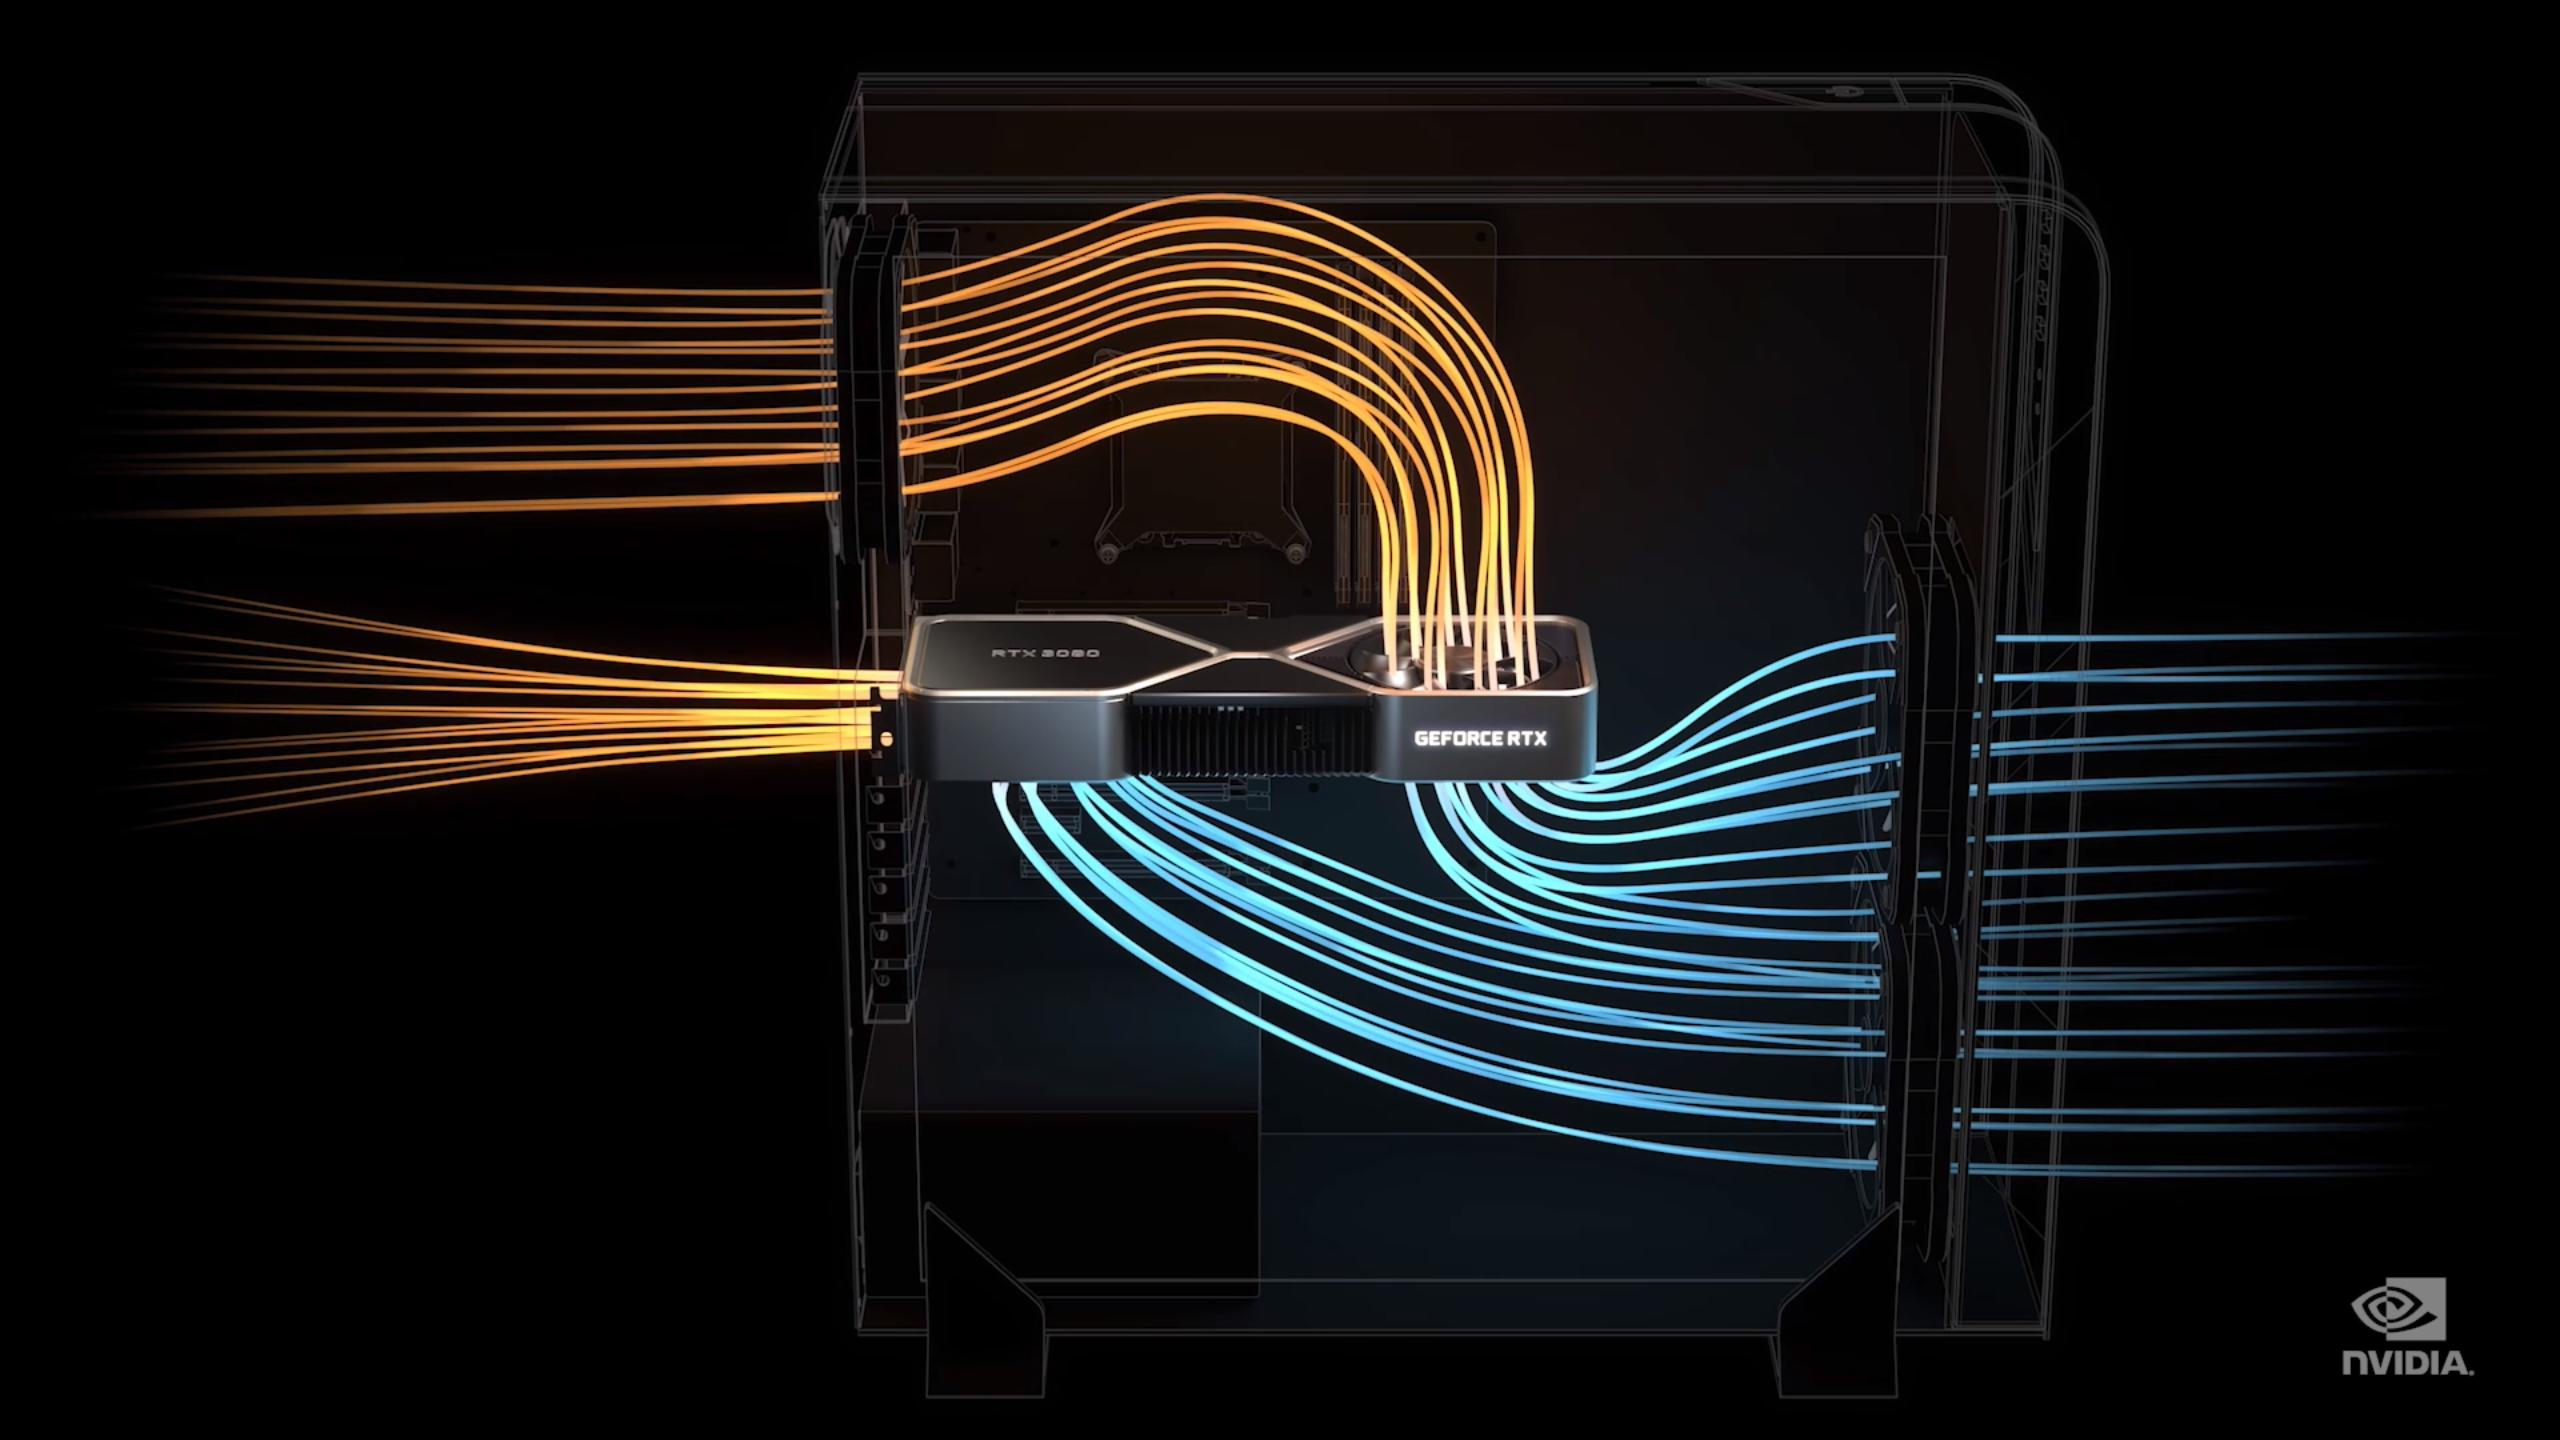 Slik illustrerer Nvidia luftflyten til sine egne RTX 3090 og RTX 3080. RTX 3070 får en mer tradisjonell kjøleløsning.